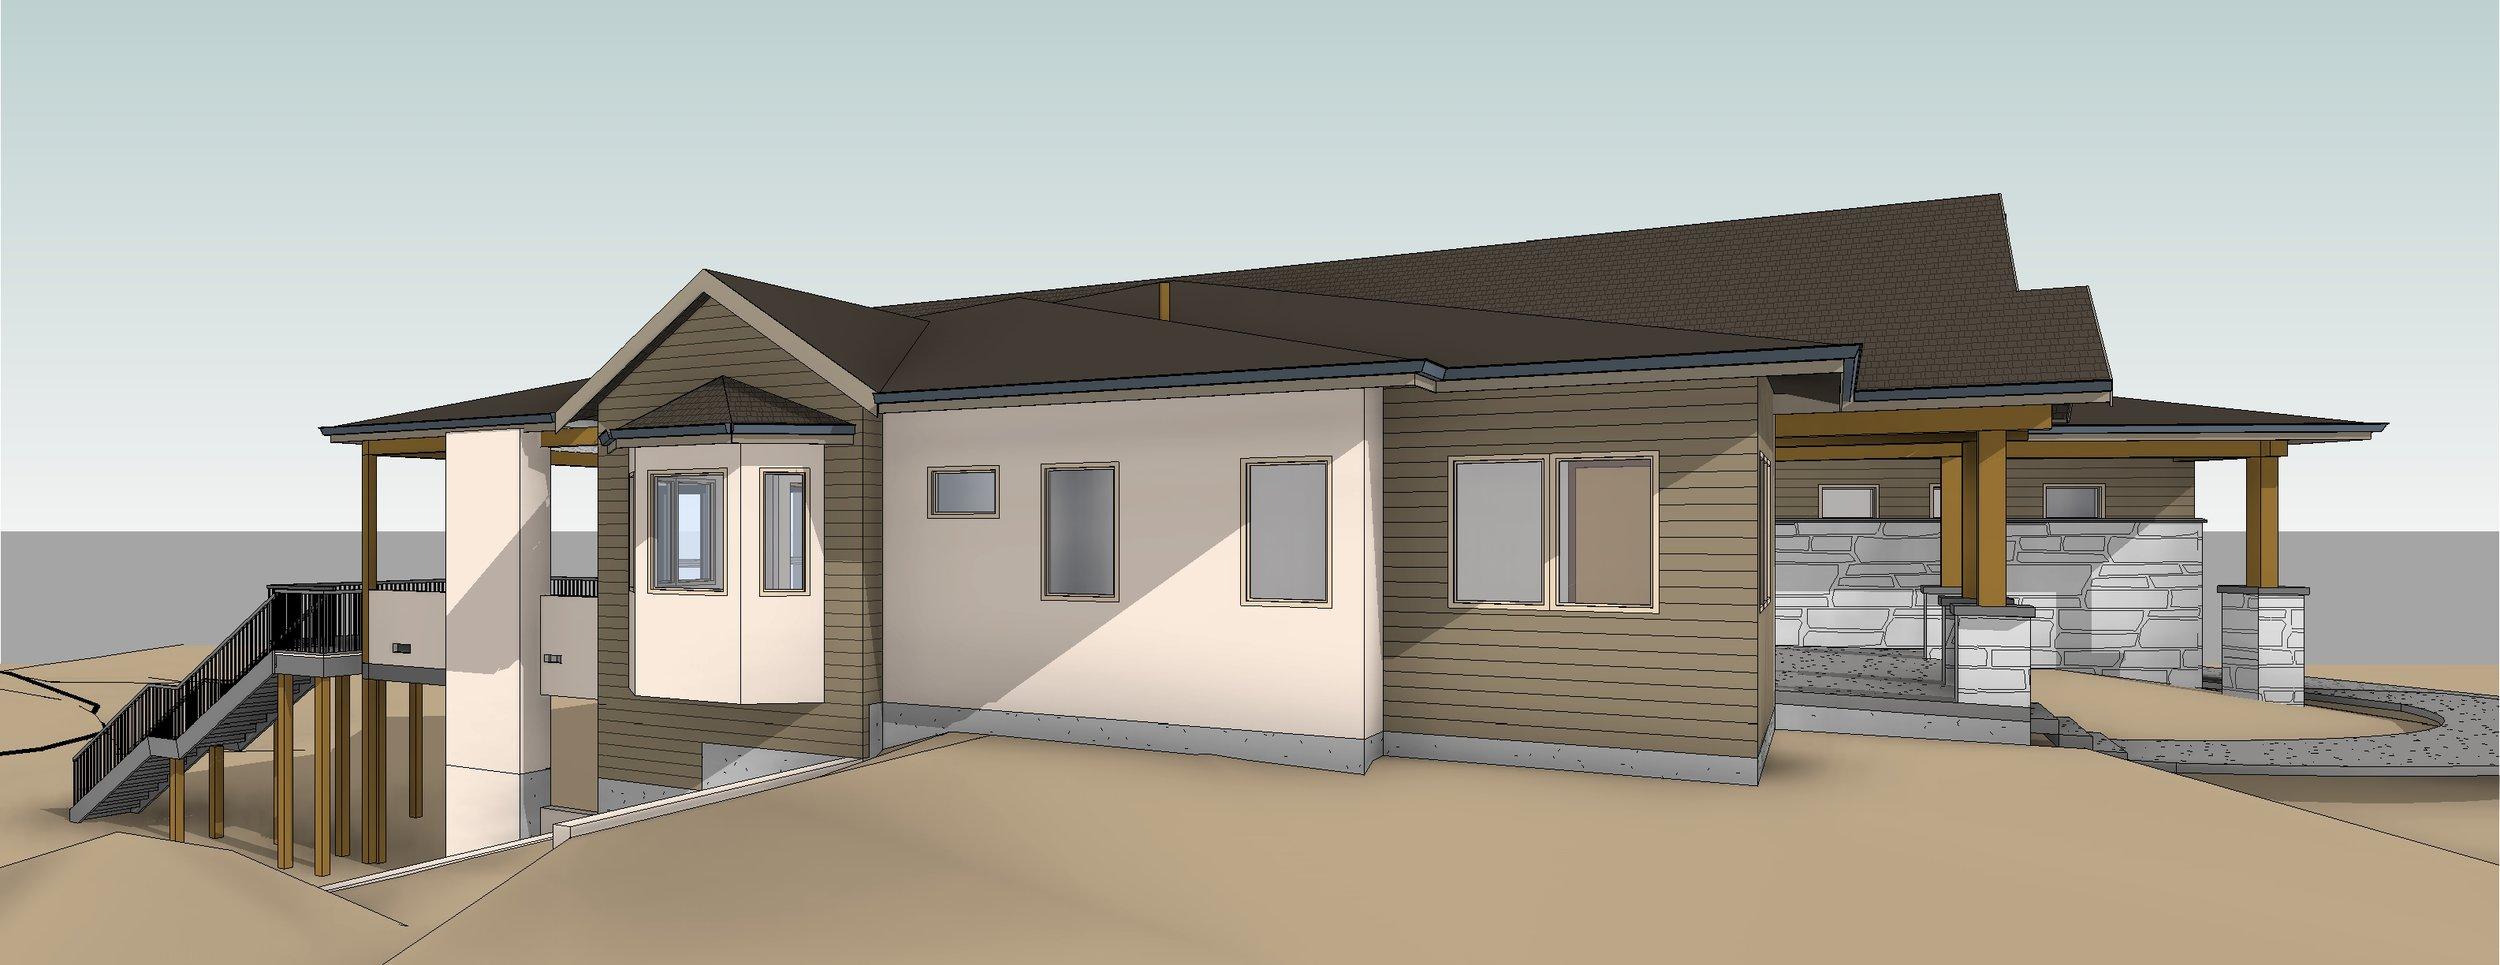 1 - 3D View - EXTERIOR 4.jpg